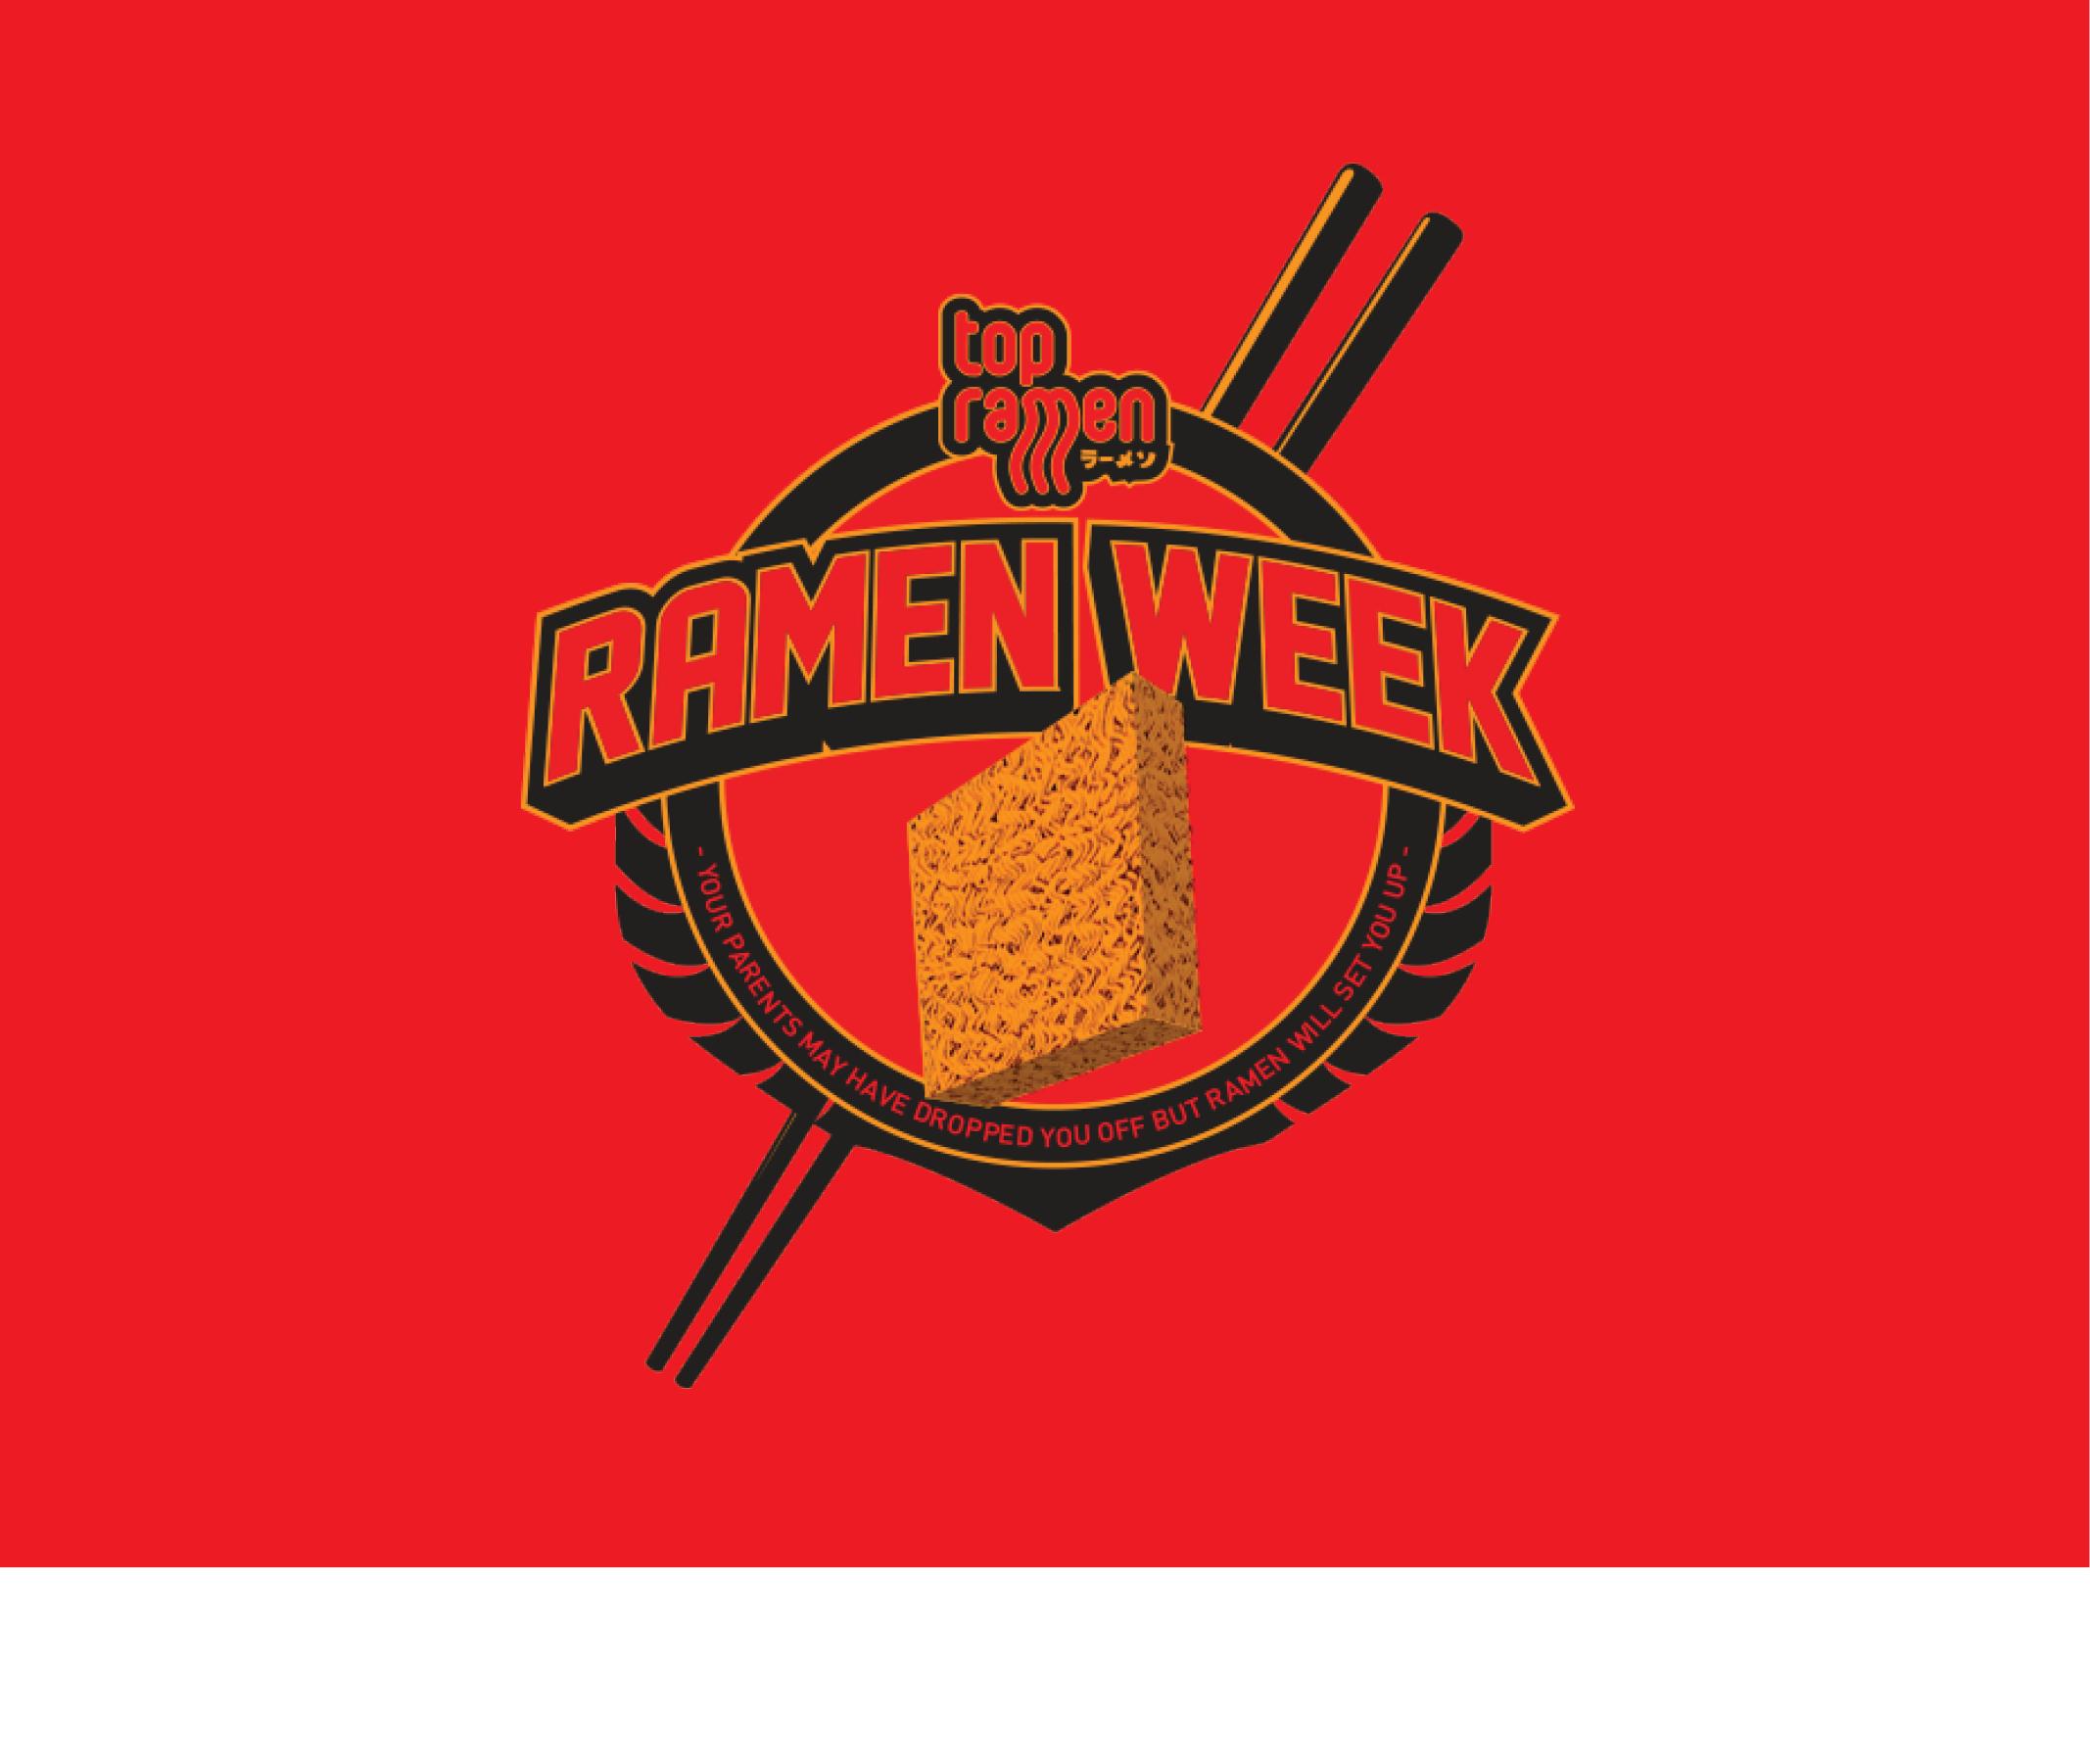 RAMENWEEK_v2.jpg